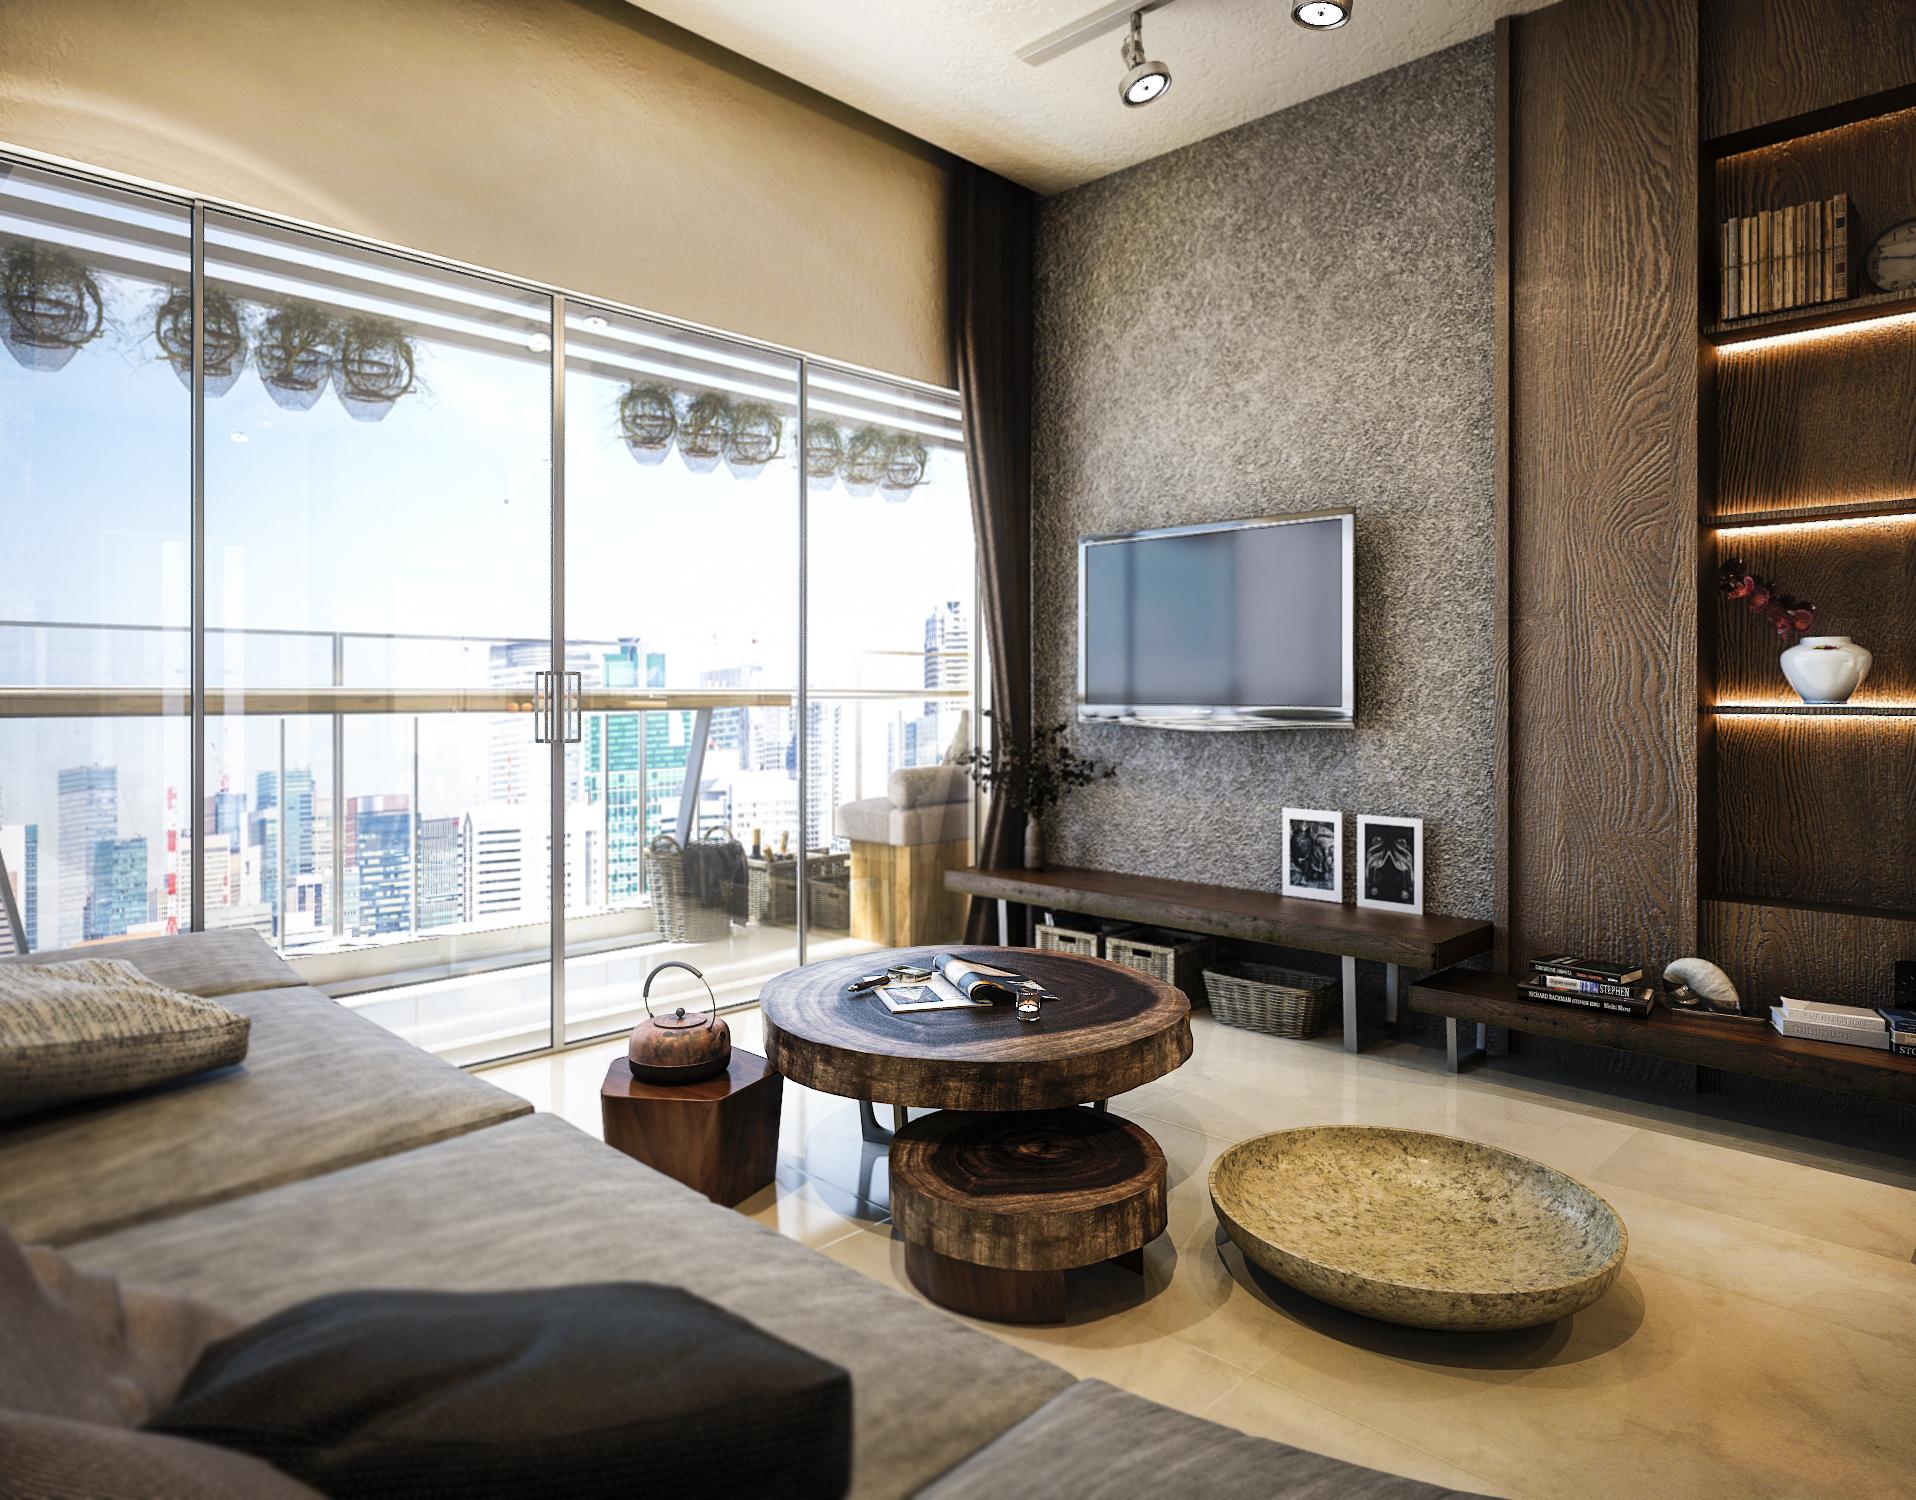 thiết kế nội thất chung cư tại Hồ Chí Minh Mr. Thuận Apartment 1 1544198870